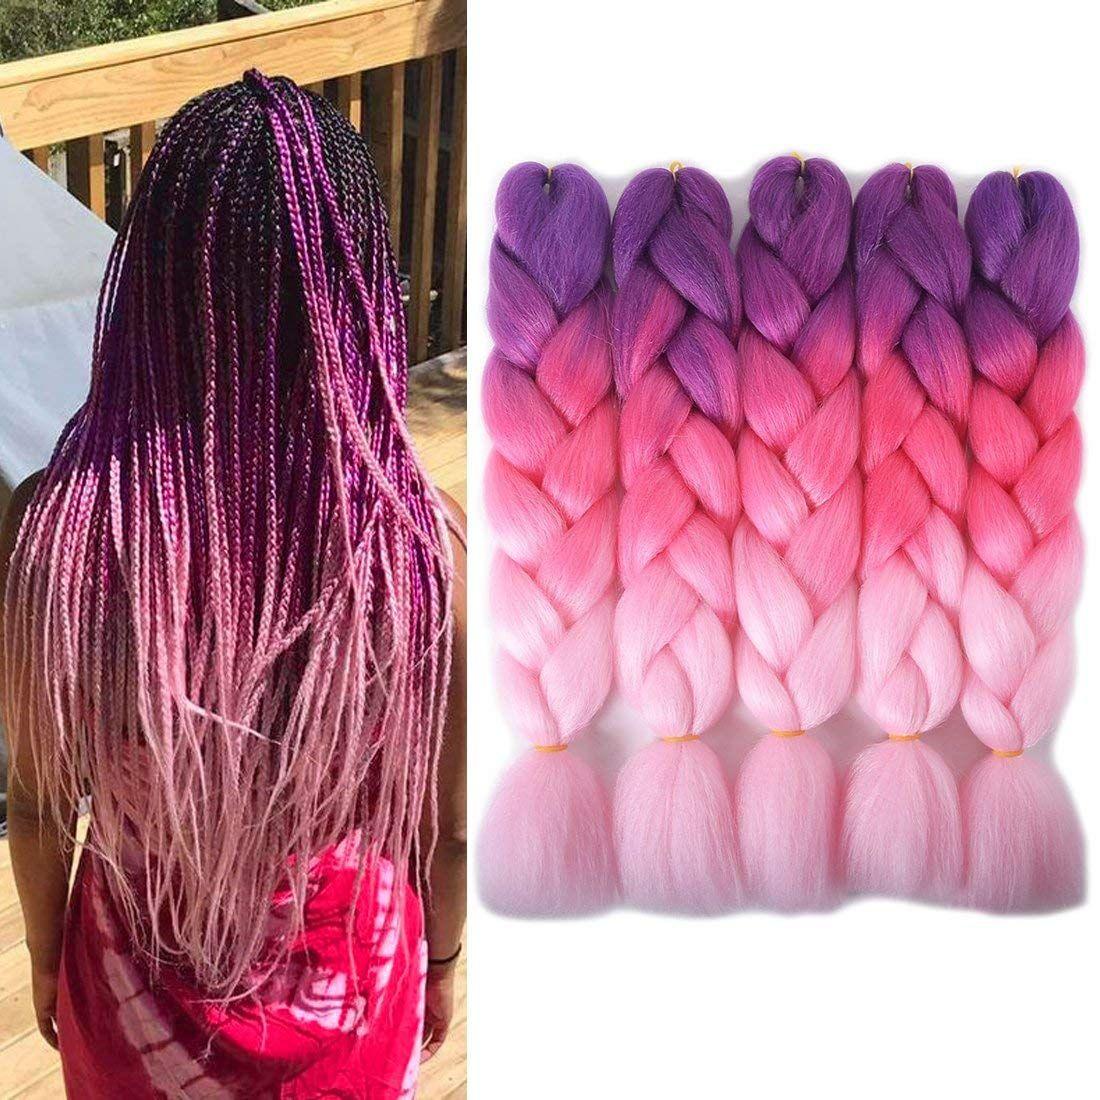 Kanekalon Sentetik saç 24inch 100g Ombre Üç tonu renk jumbo örgü saç uzantıları 60 renk Opsiyonel Ucuz Xpression Örgü örmek